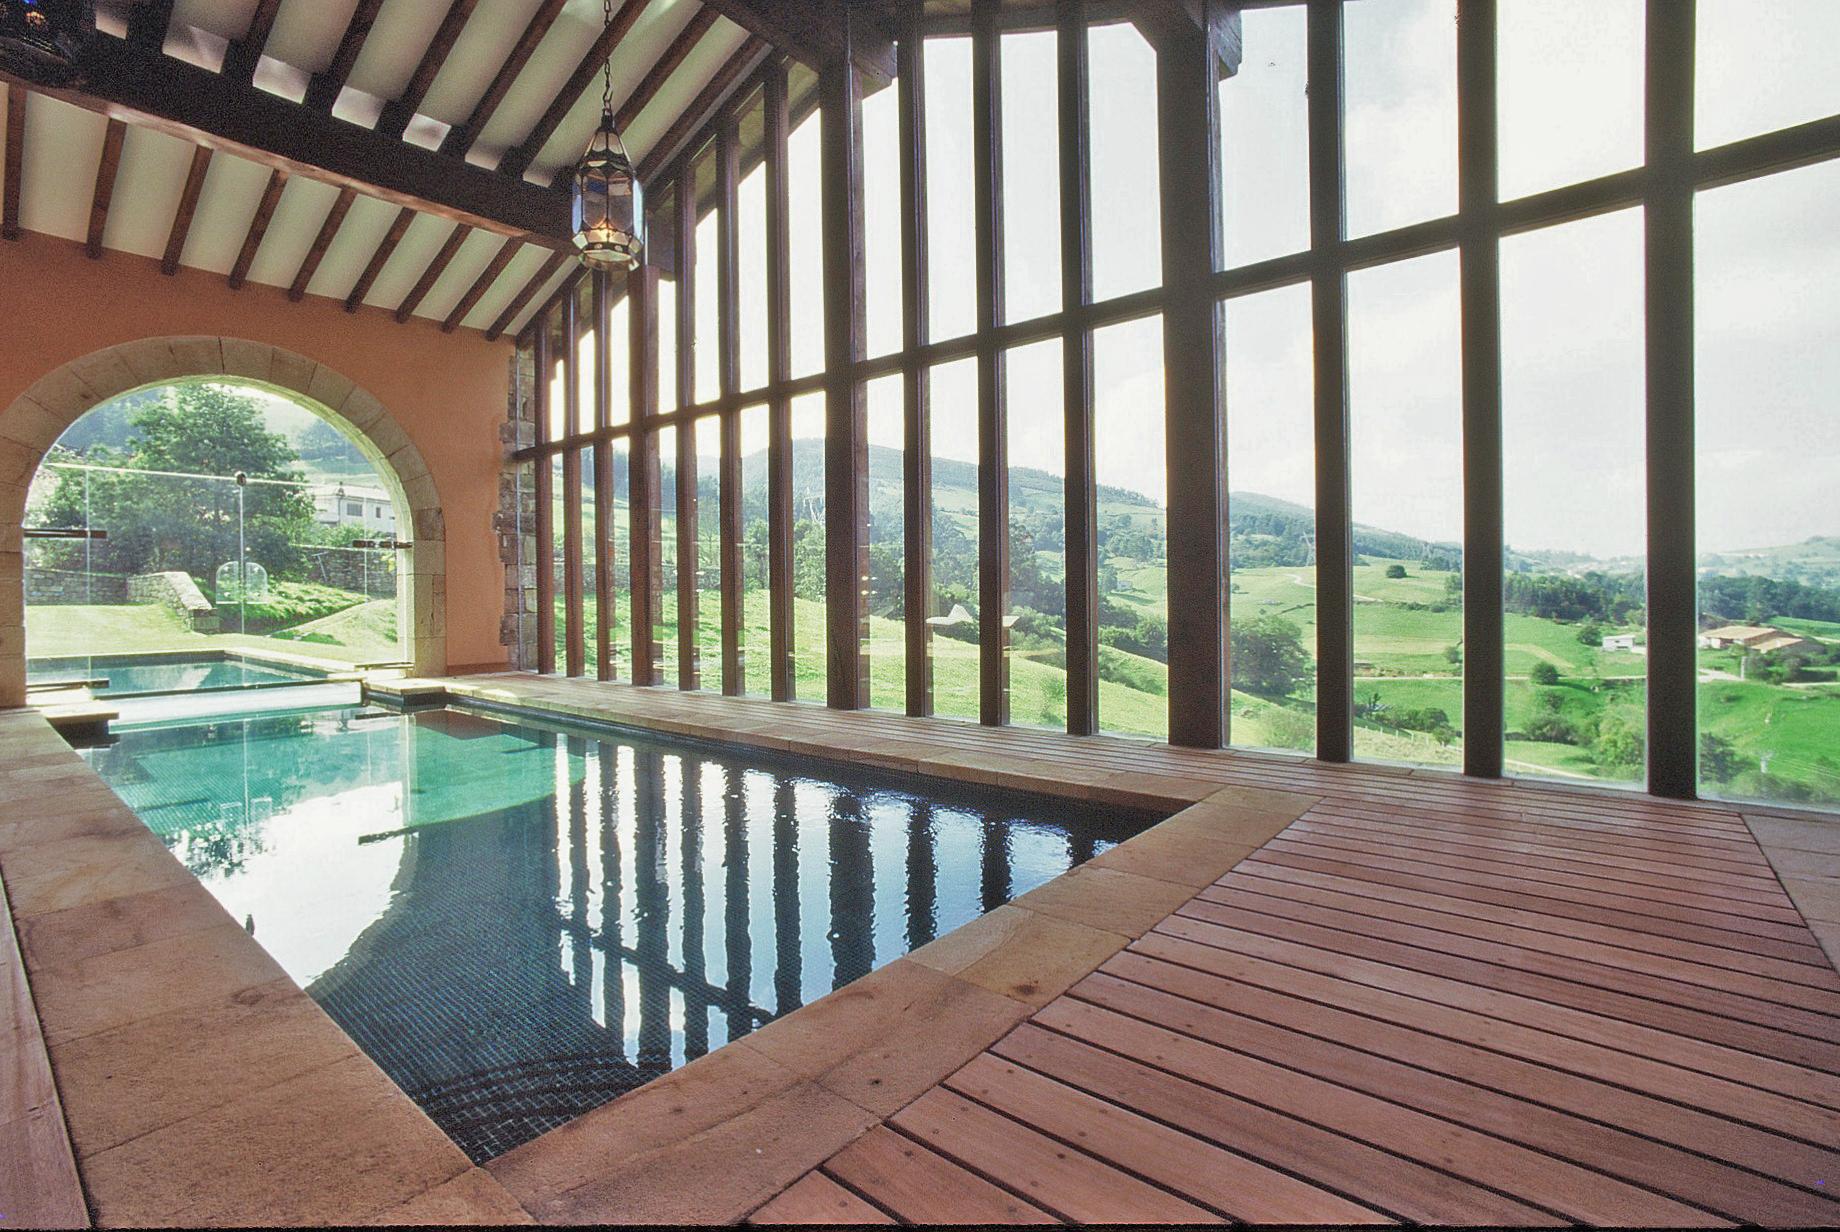 Pabellón y piscina en La Helguera 2 (Cantabria) 1992 2.jpg